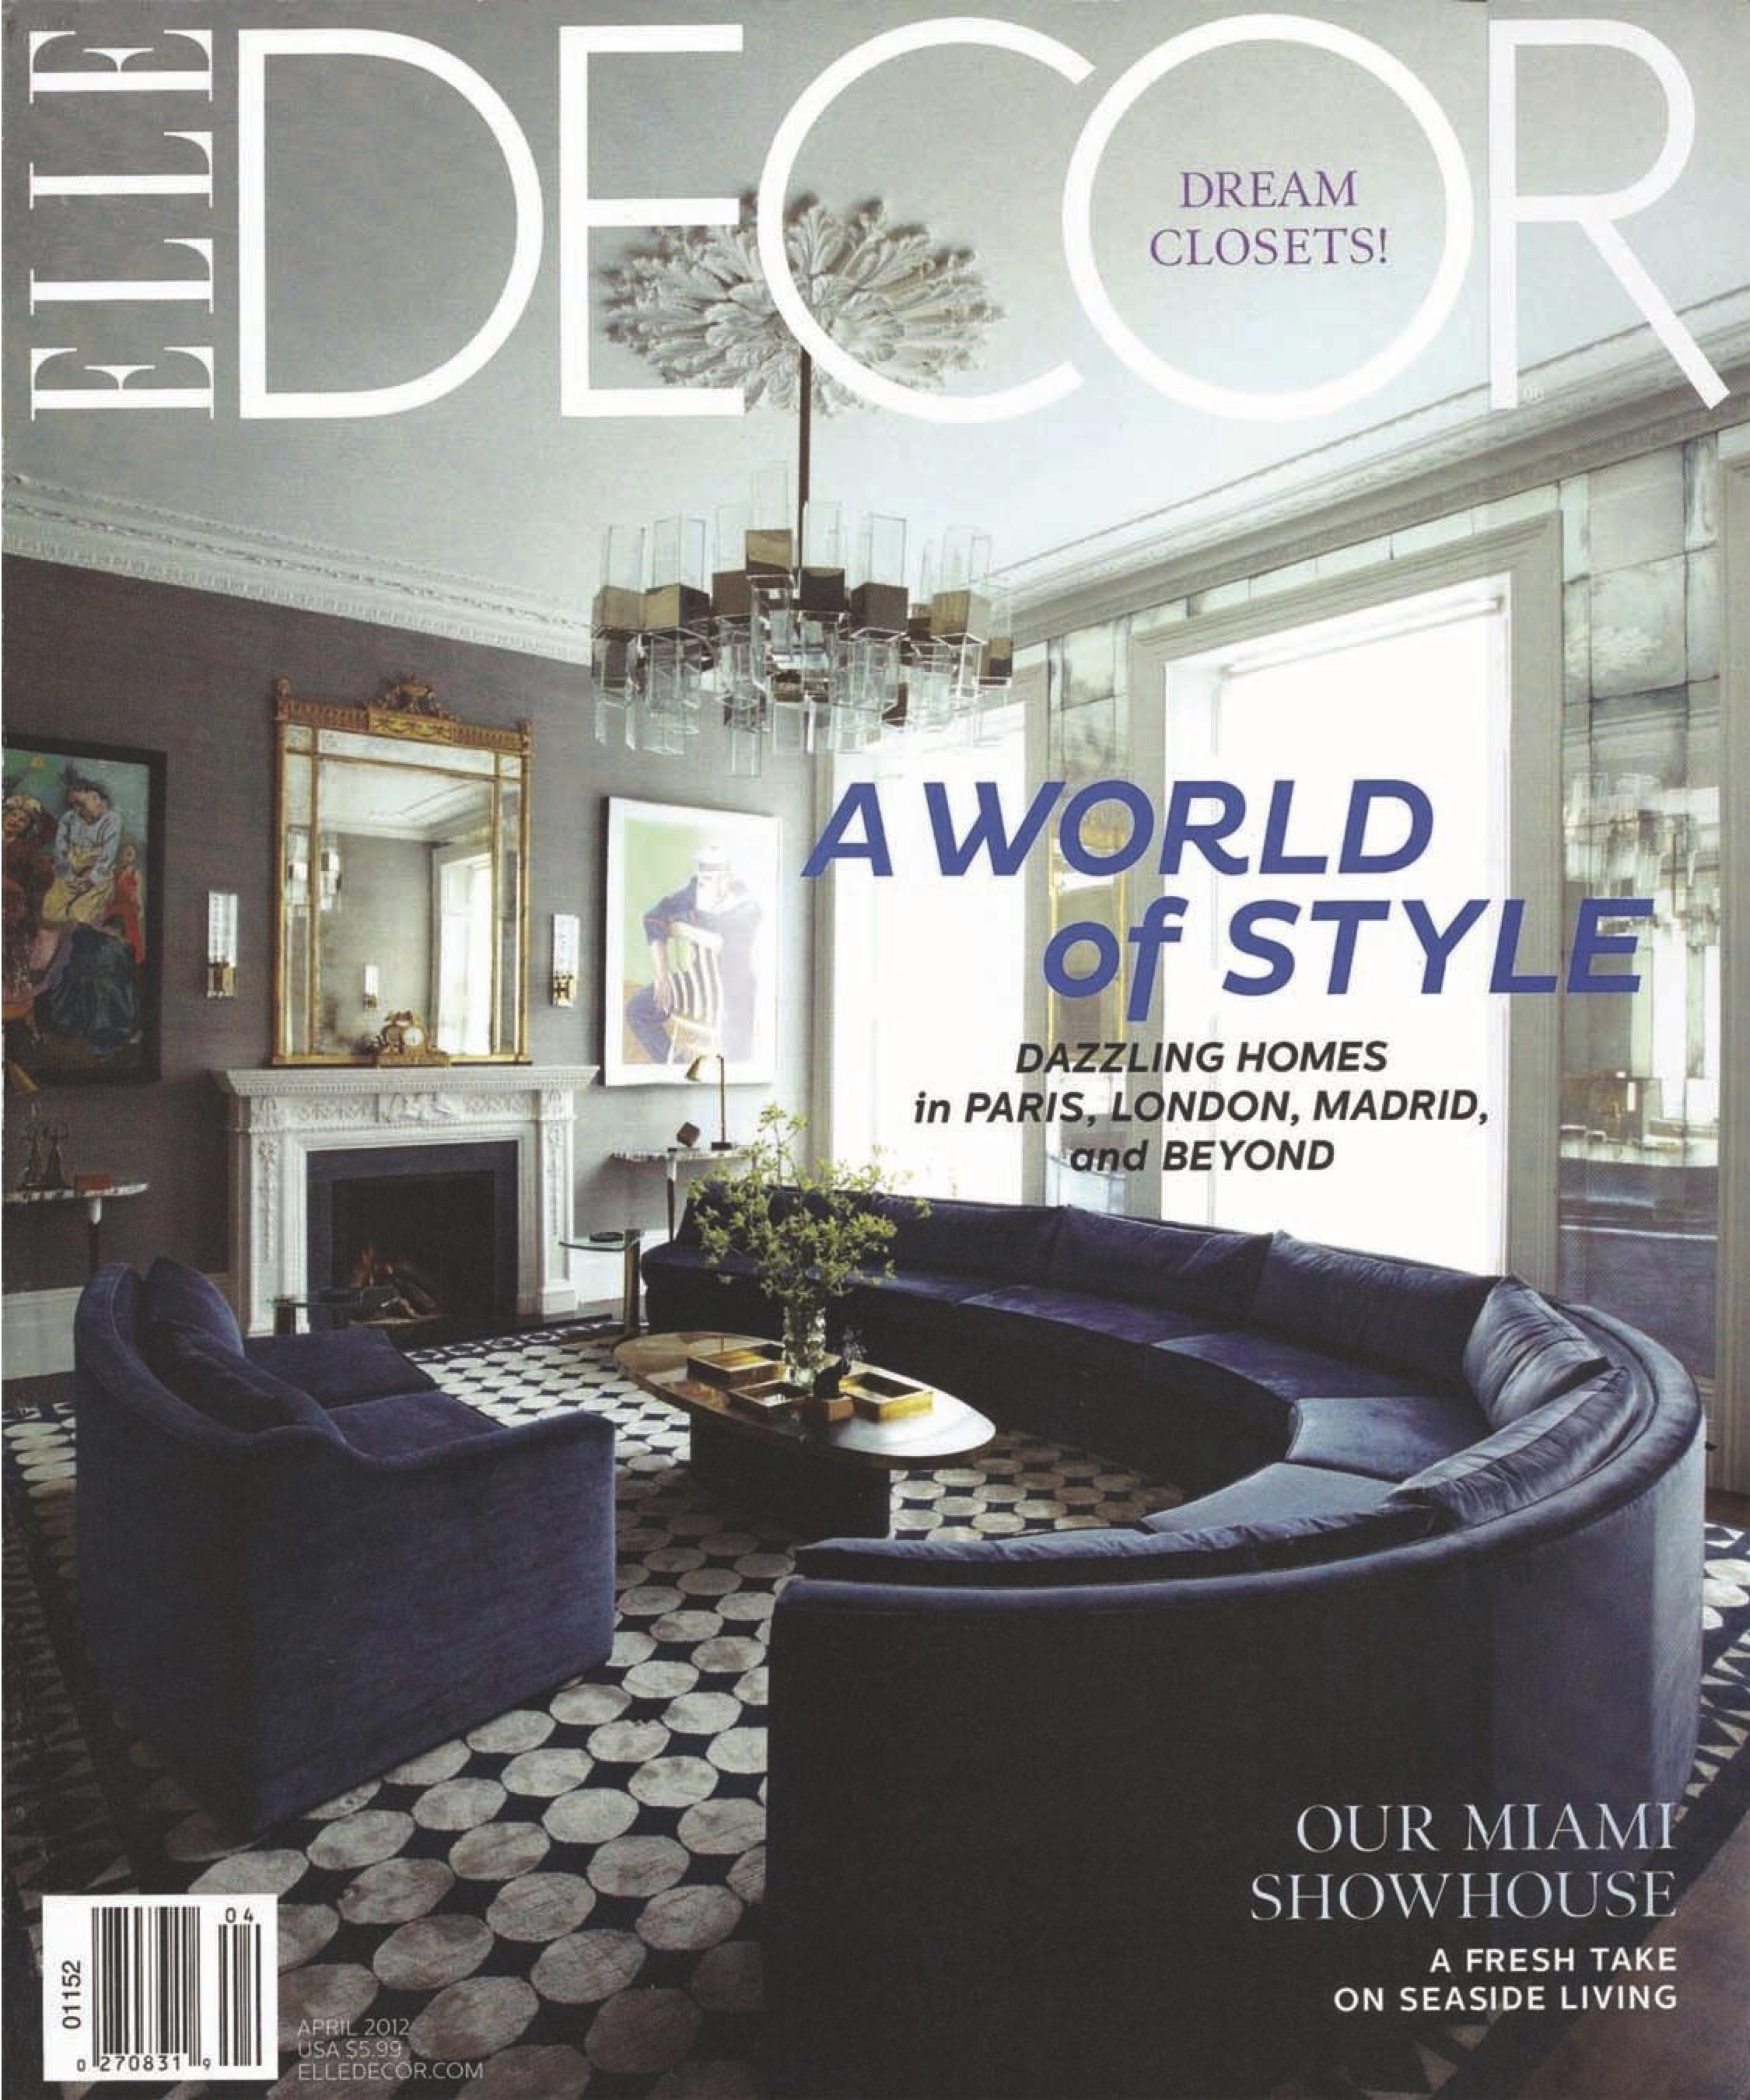 Elle Decor Interior Designers avanzato design | luxury interior design firm | miami - new